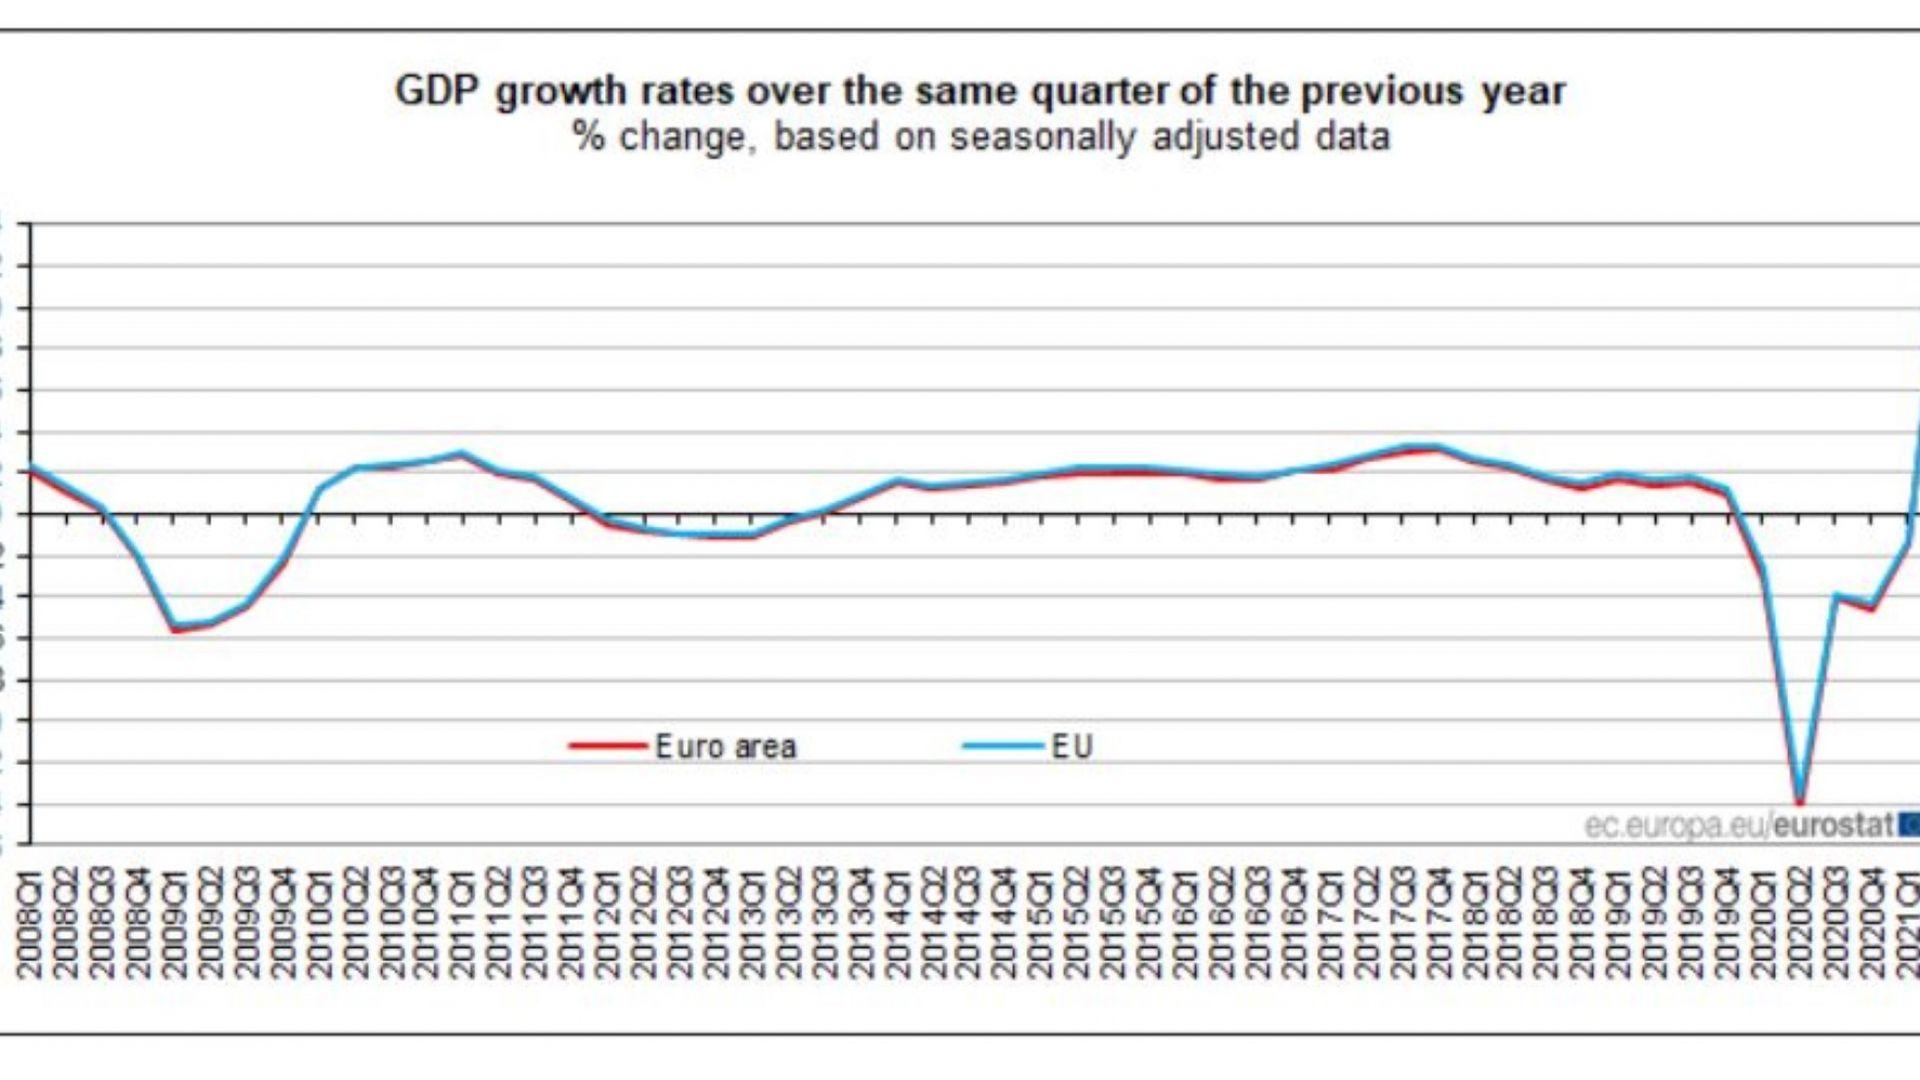 Растеж на БВП в еврозоната за второто тримесечие на 2021 г. в сравнение с второто тримесечие на 2020 г.